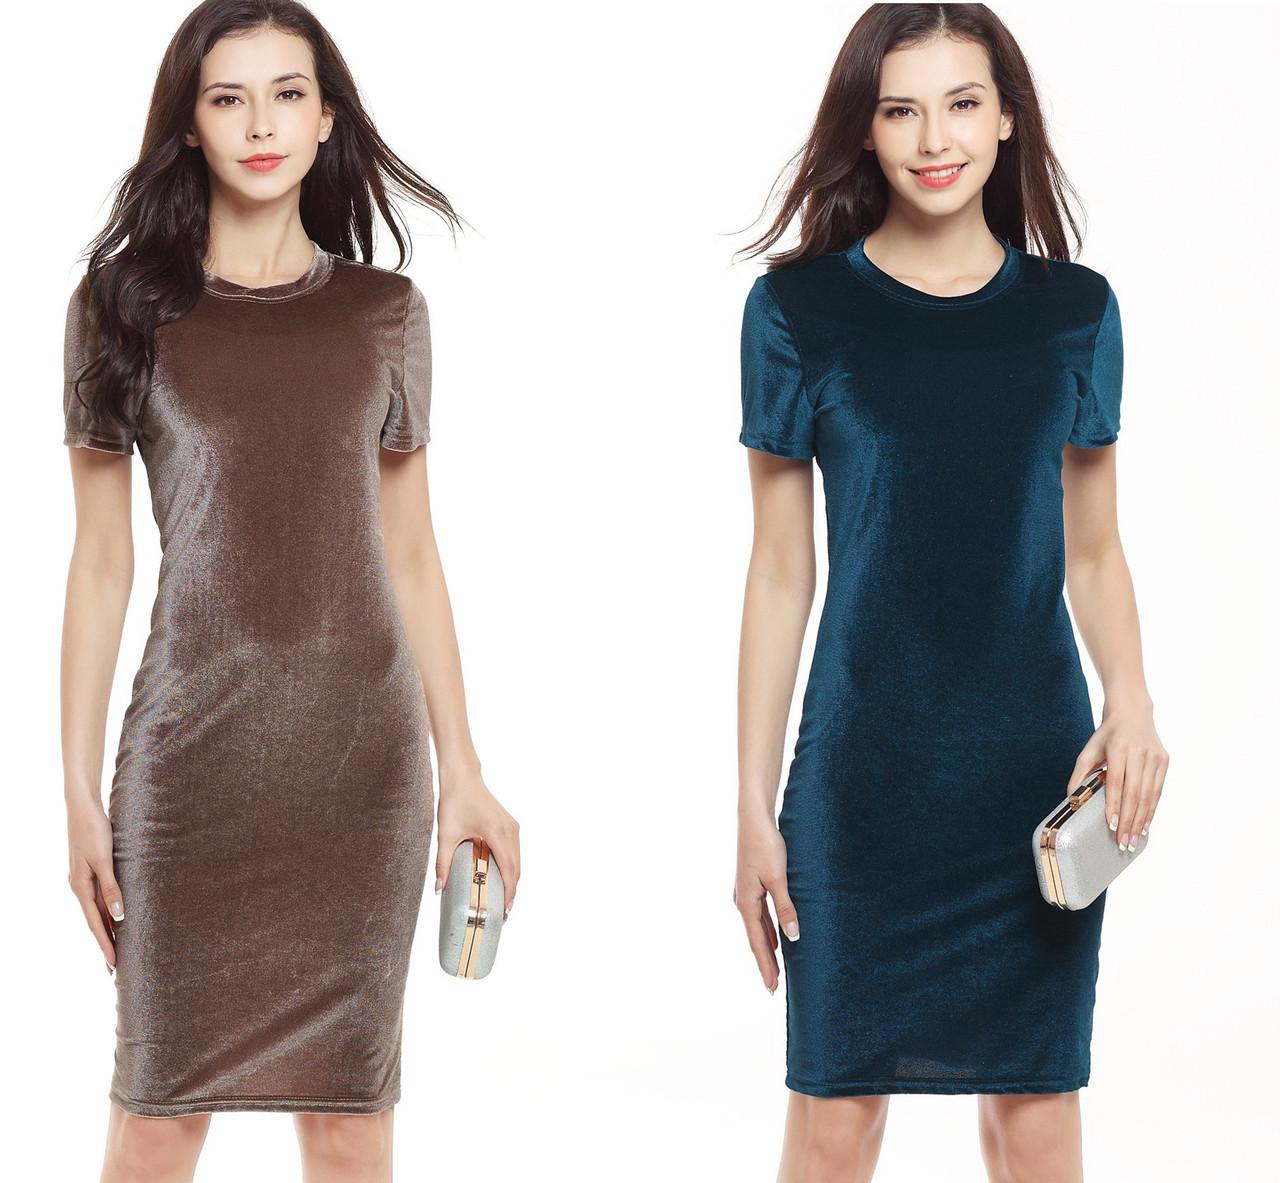 Распродажа модели.Женское платье  Liva Girl с бархатным покрытием короткий рукав